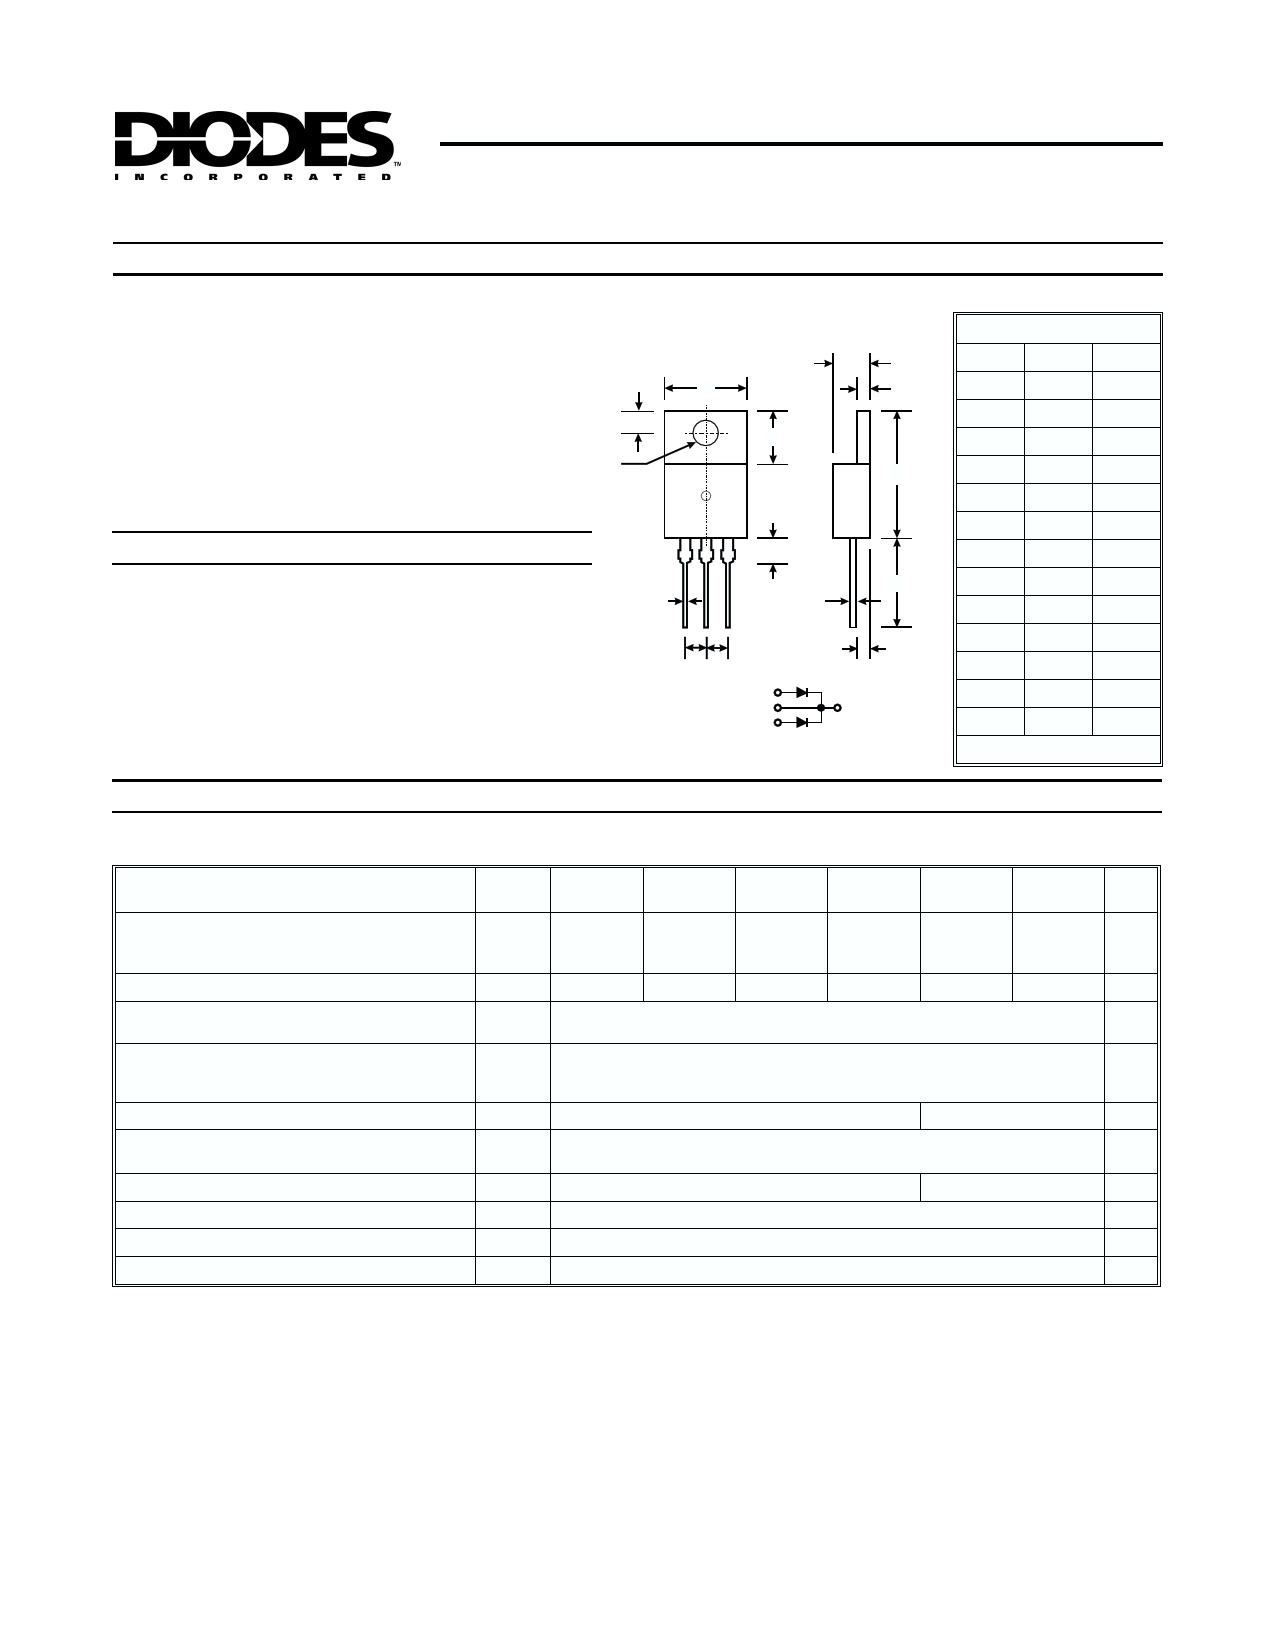 STPRF1605CT Datasheet